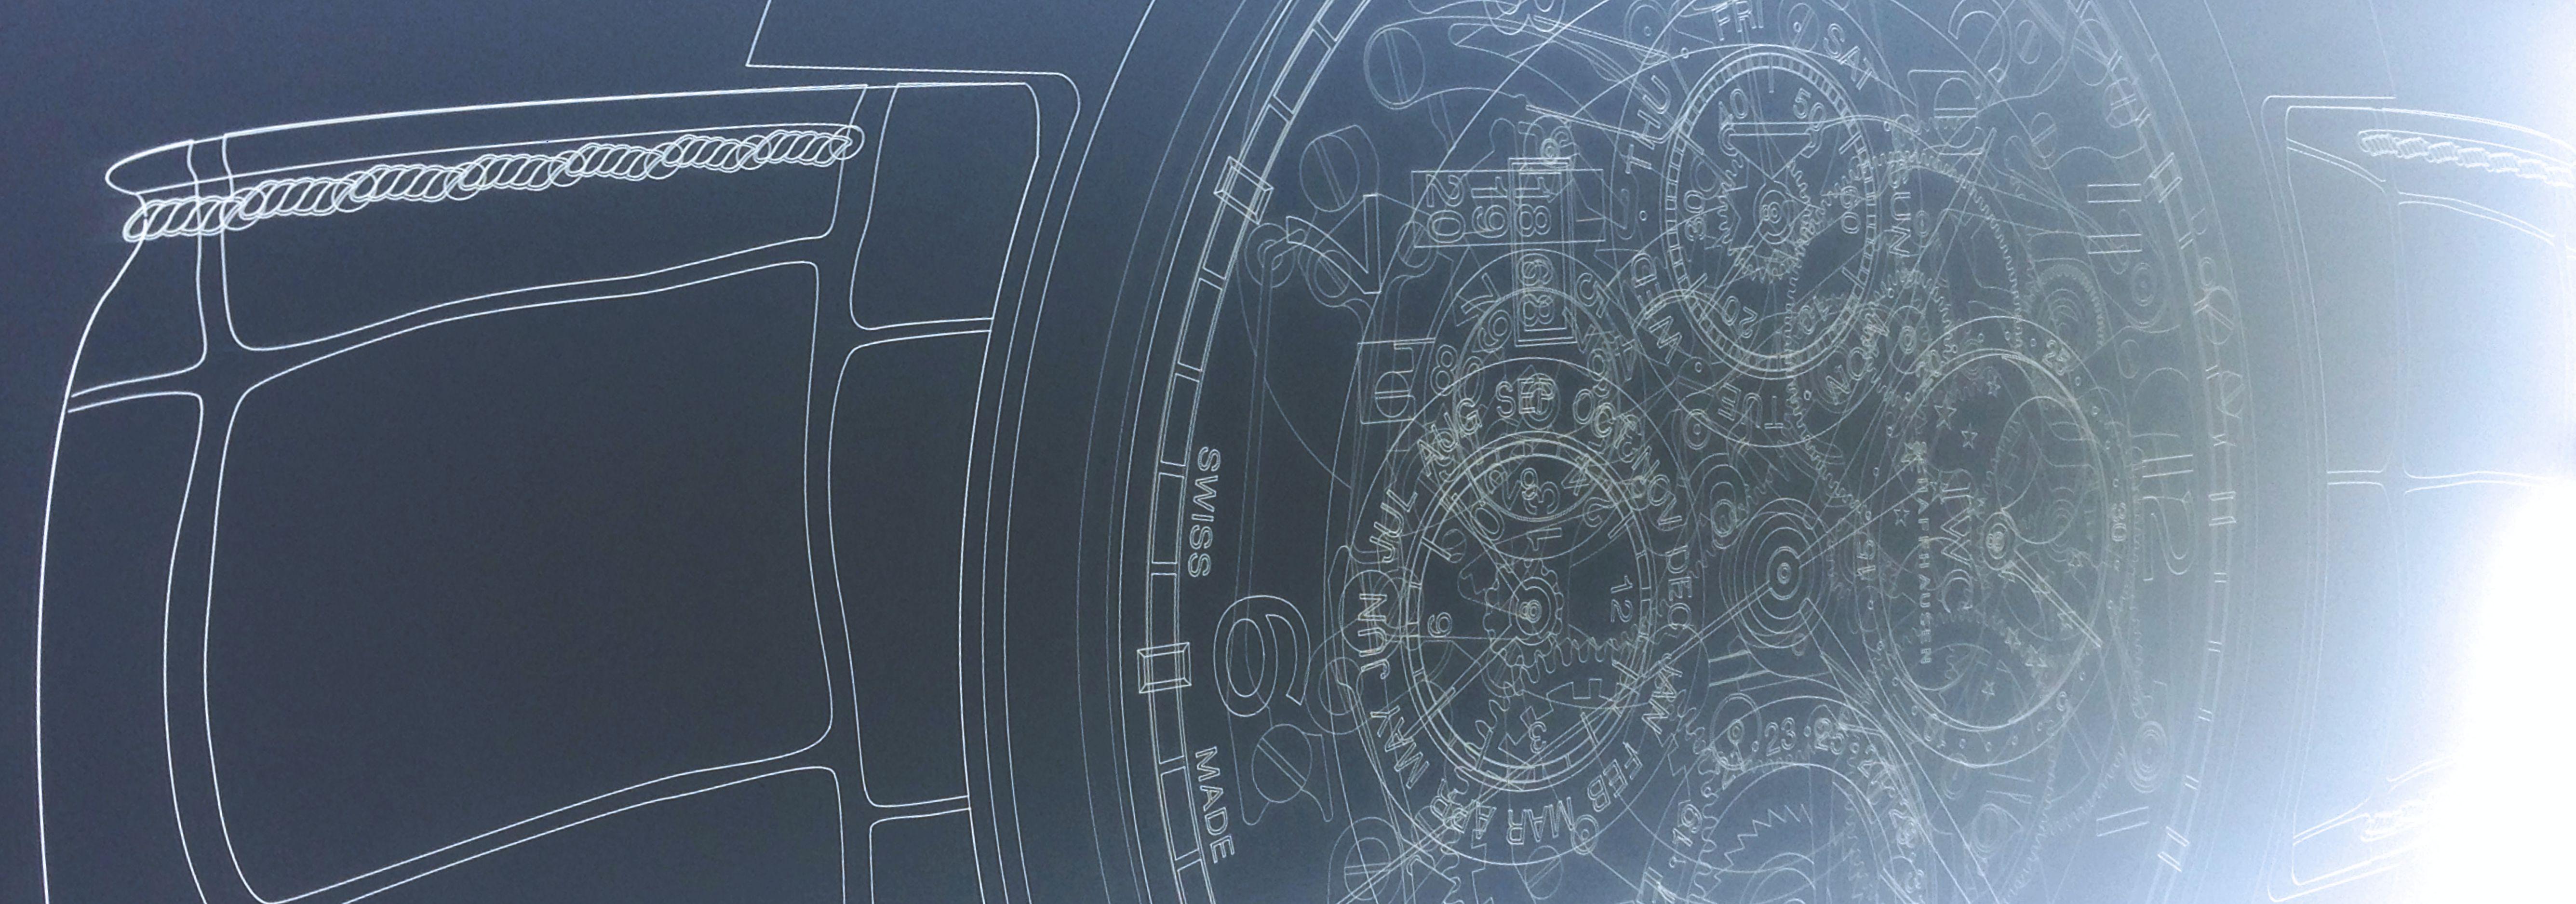 Detalhe gravação laser em acrílico